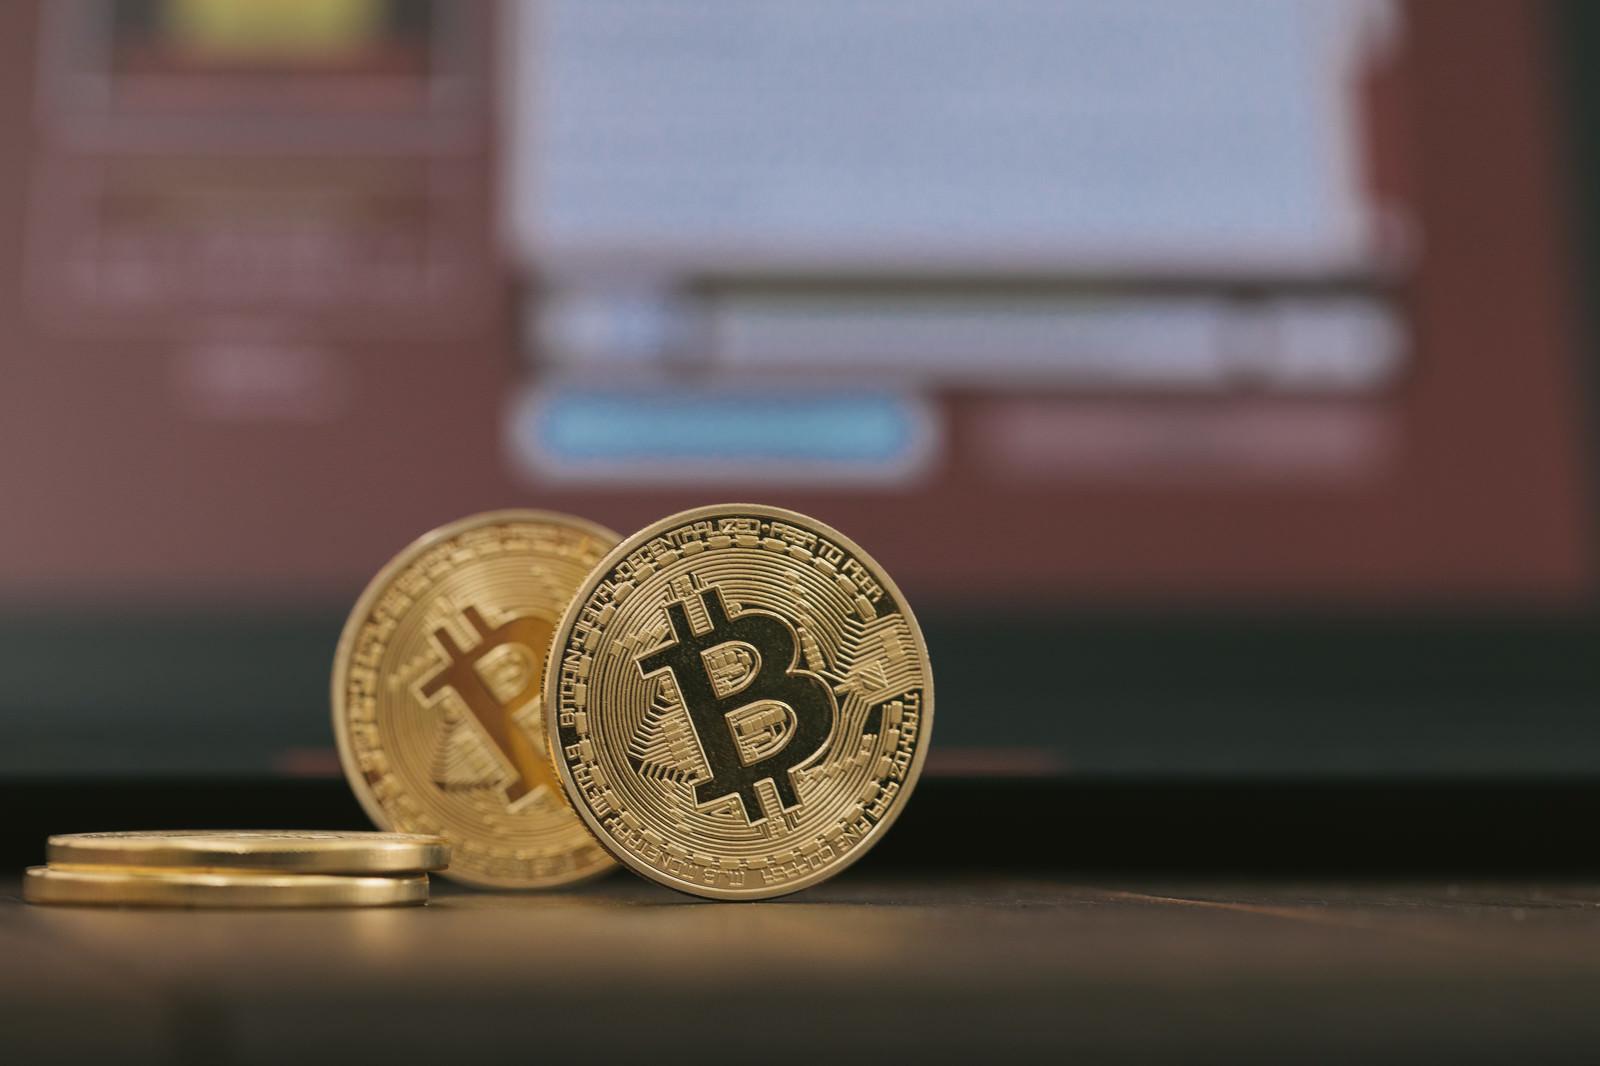 「ランサムウェアとビットコイン(暗号資産のハッキング)」の写真